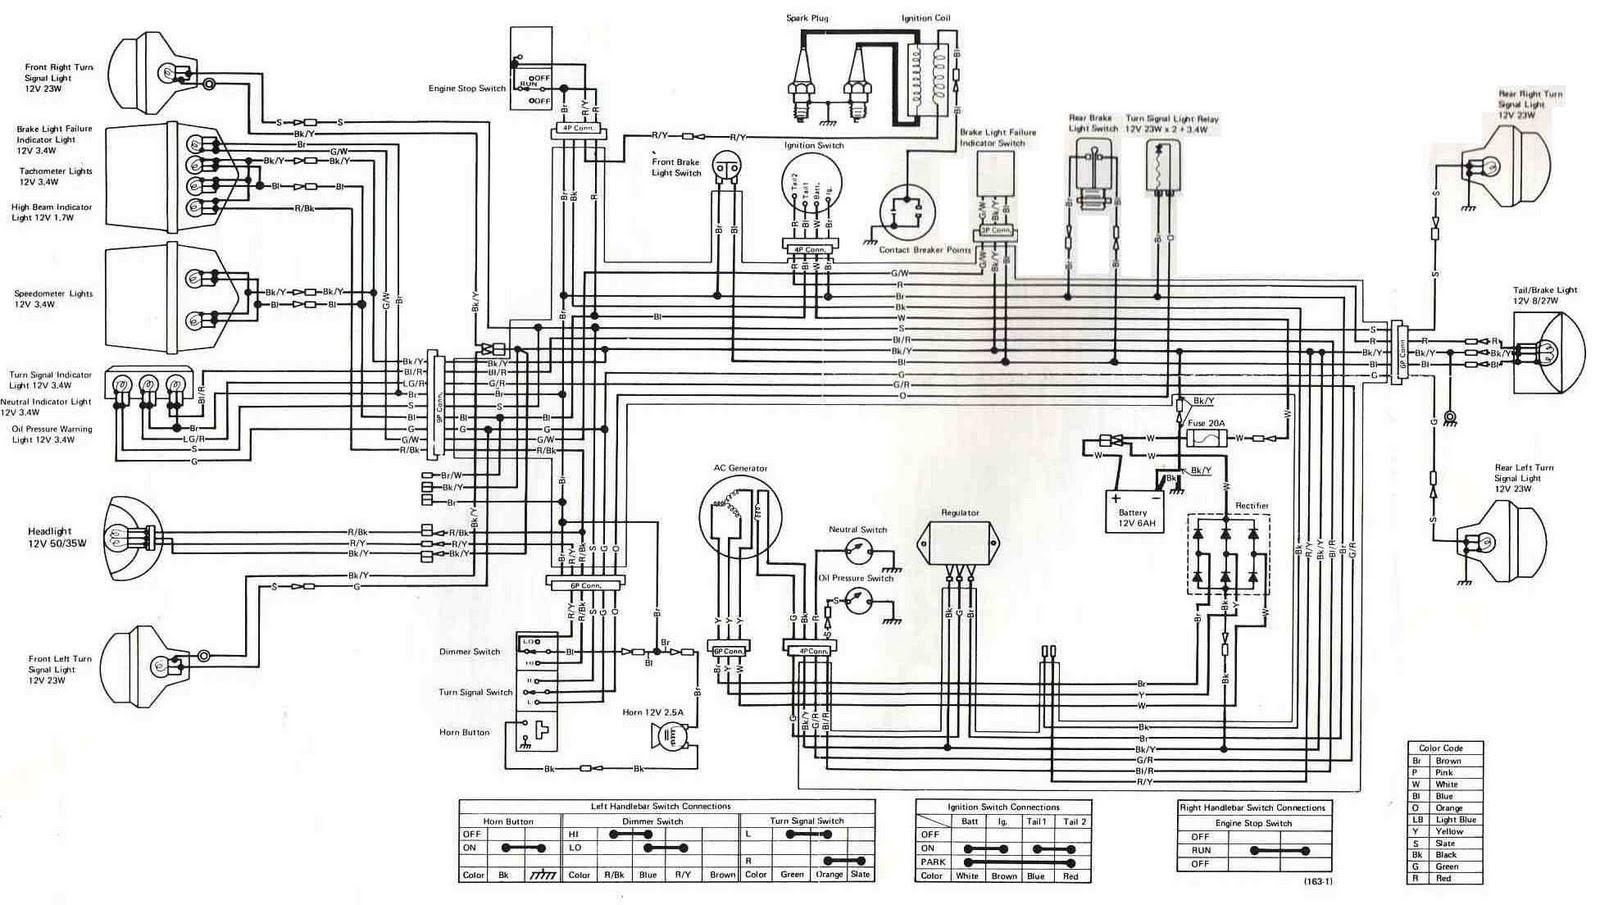 kawasaki 2004 prairie 700 wiring diagram wiring diagram detailed robin engines wiring diagrams 2002 kawasaki 650 [ 1600 x 905 Pixel ]